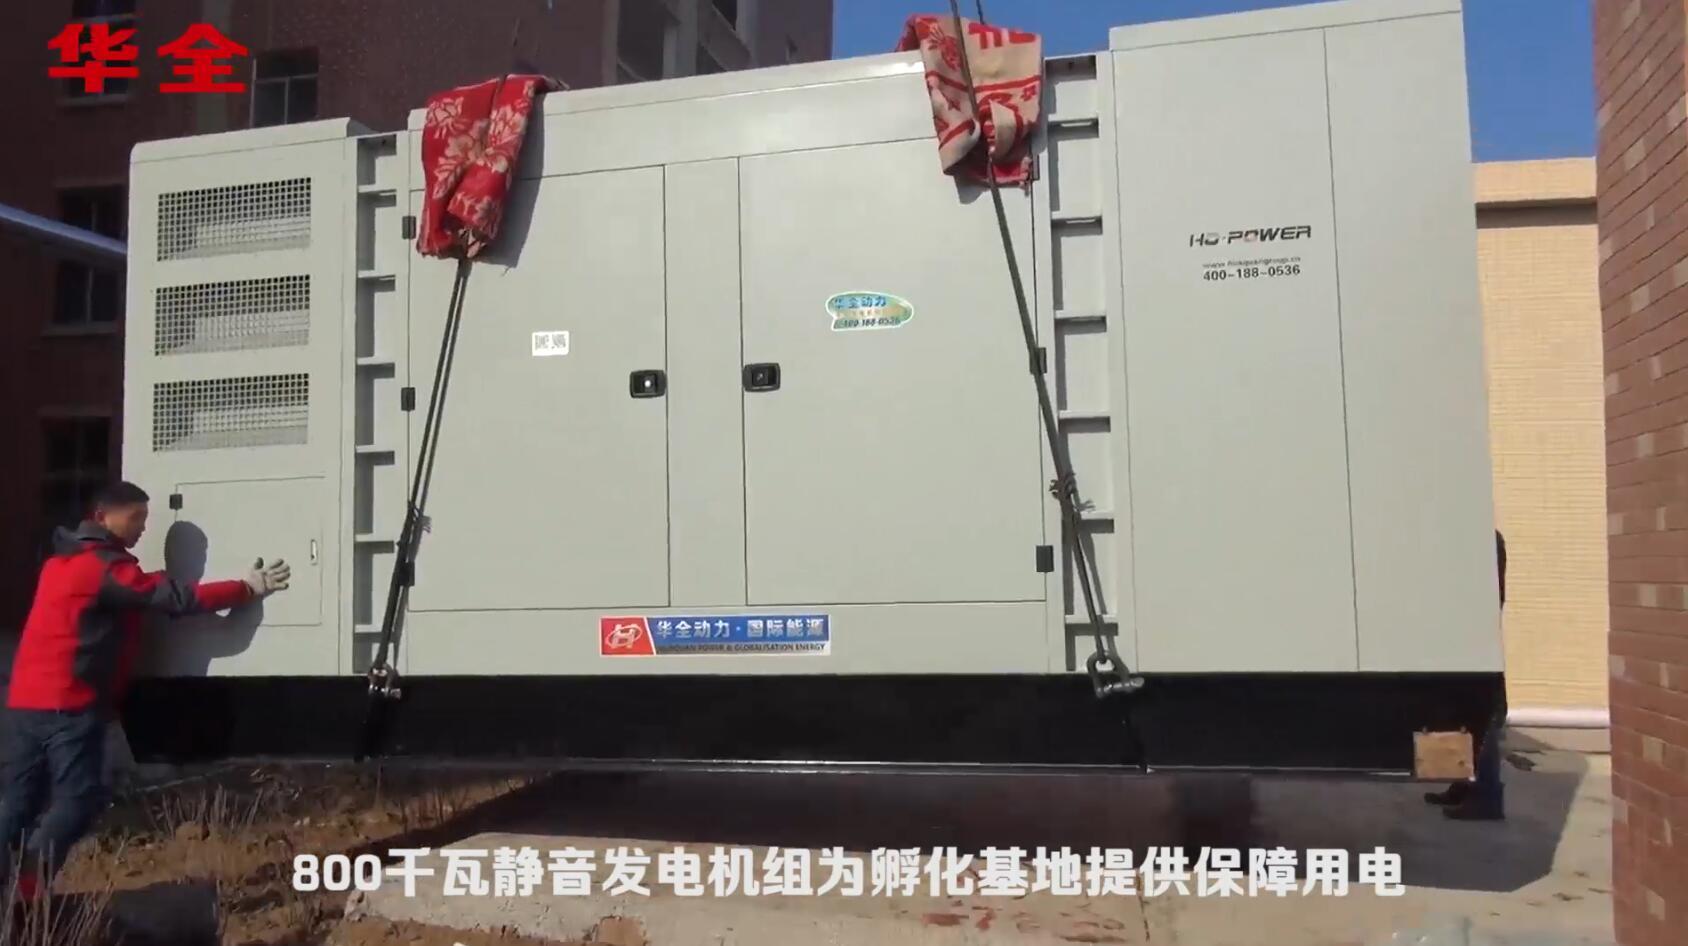 800千瓦玉柴静音发电机组保障孵化繁育基地备用电源